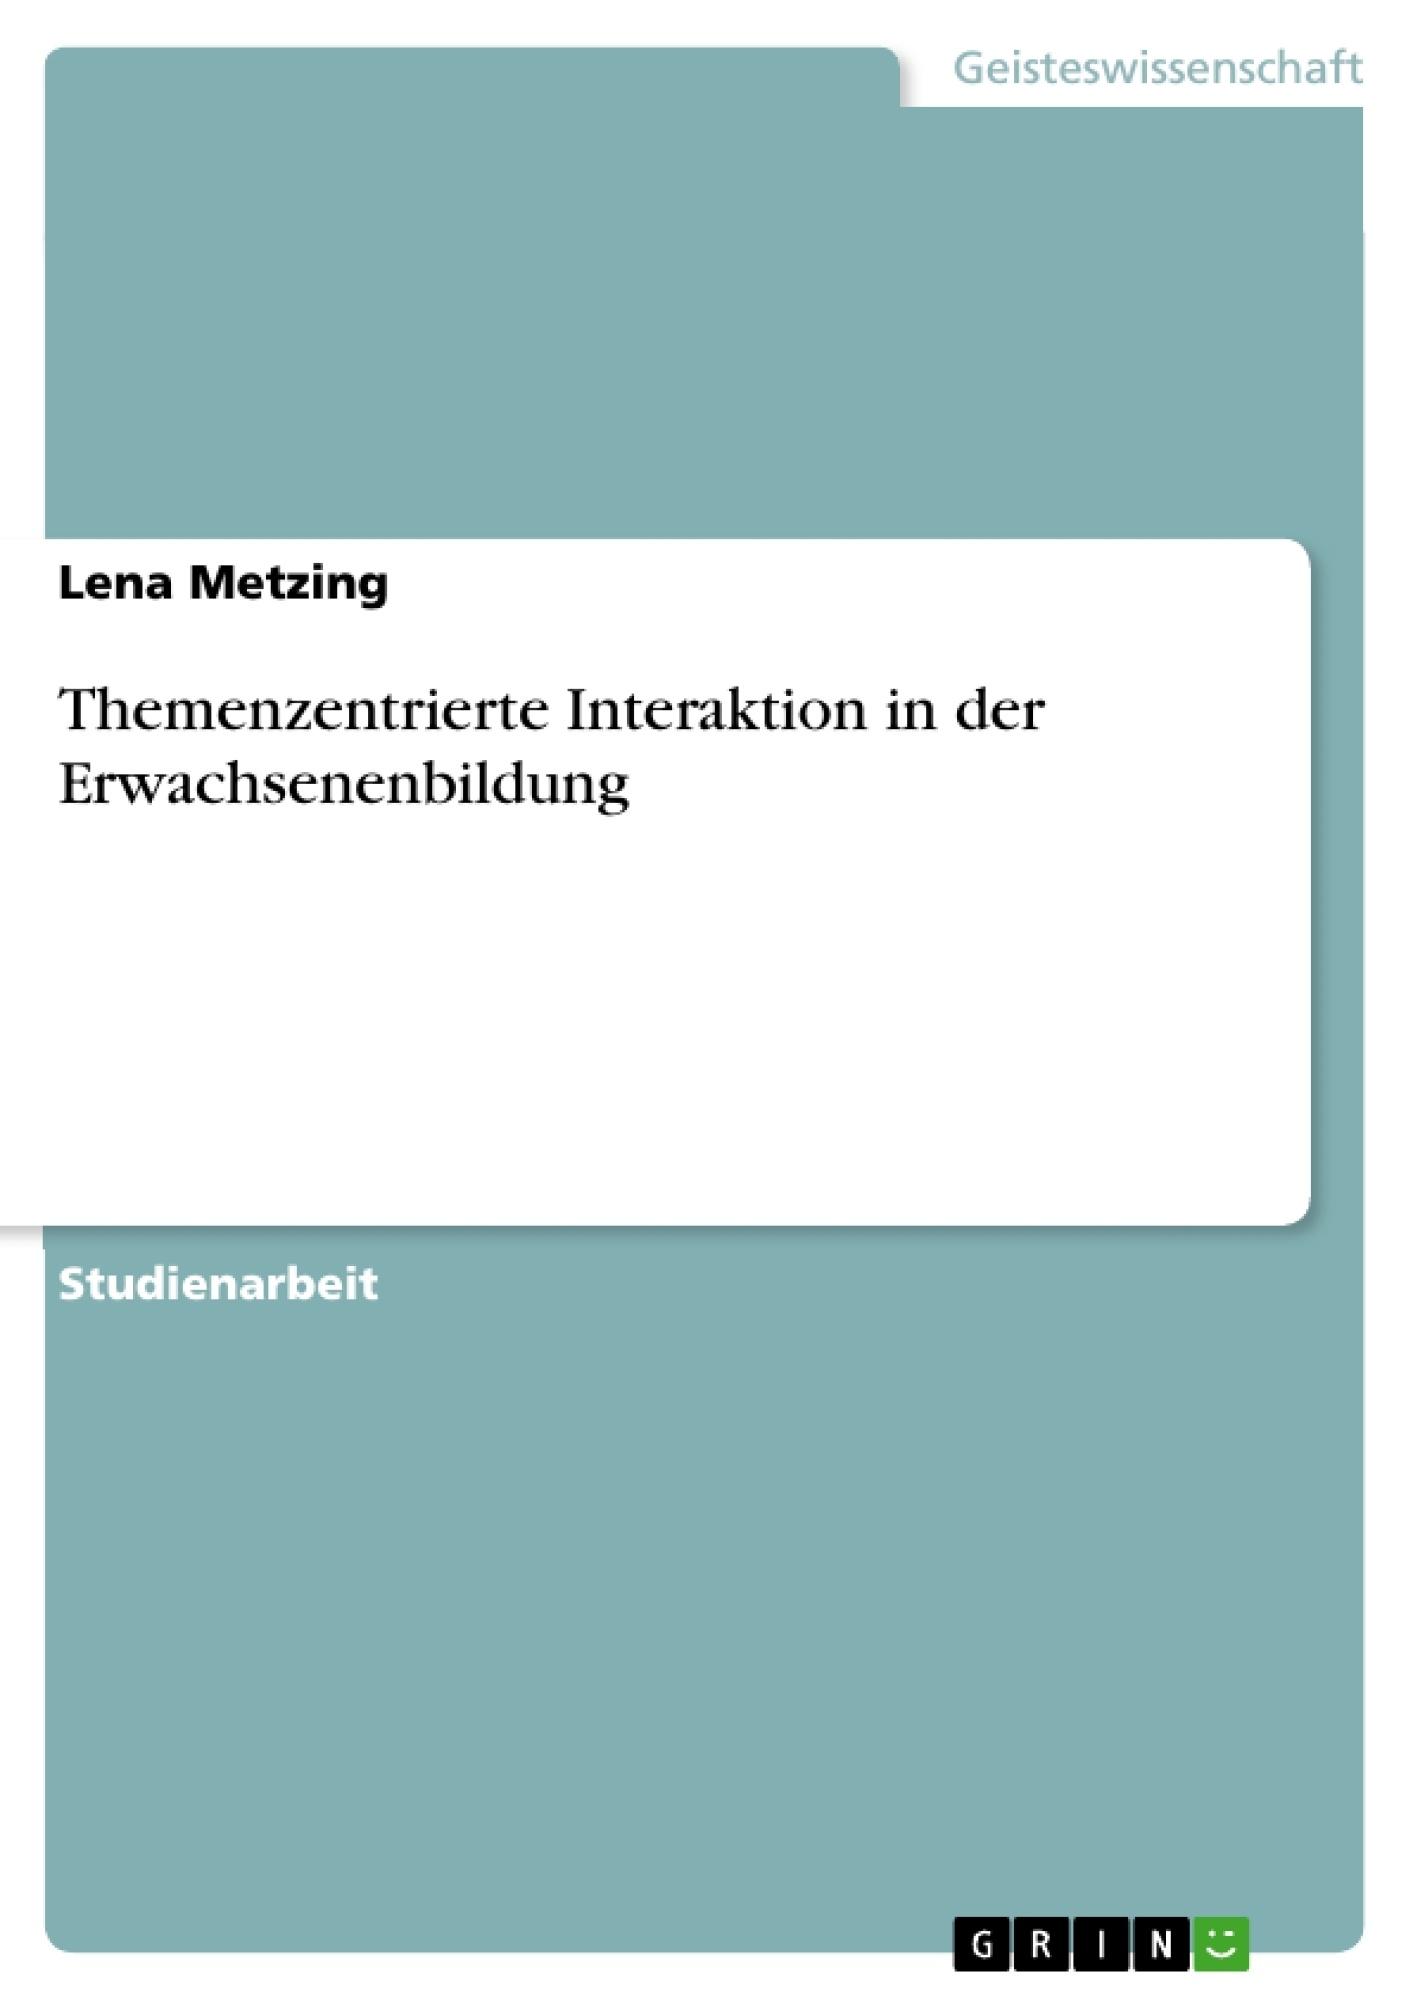 Titel: Themenzentrierte Interaktion in der Erwachsenenbildung